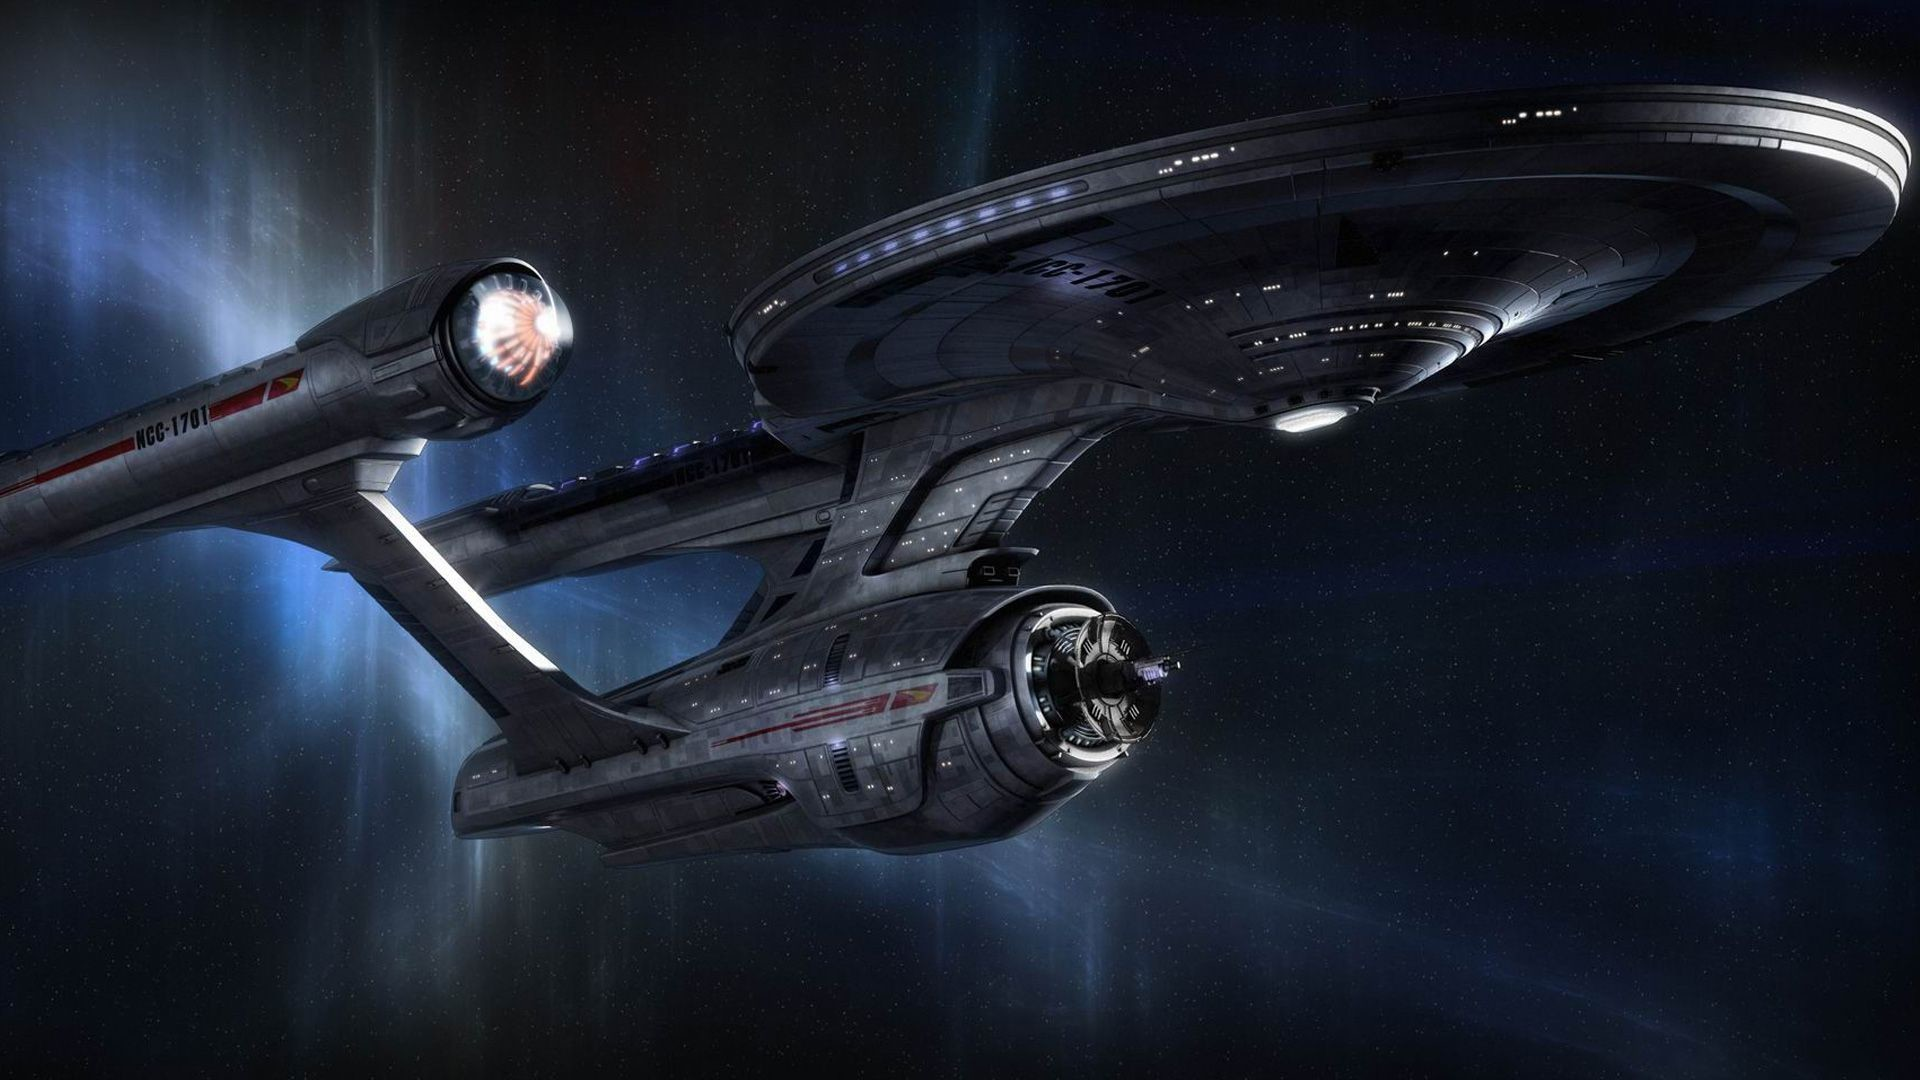 Star Trek Ship Wallpaper